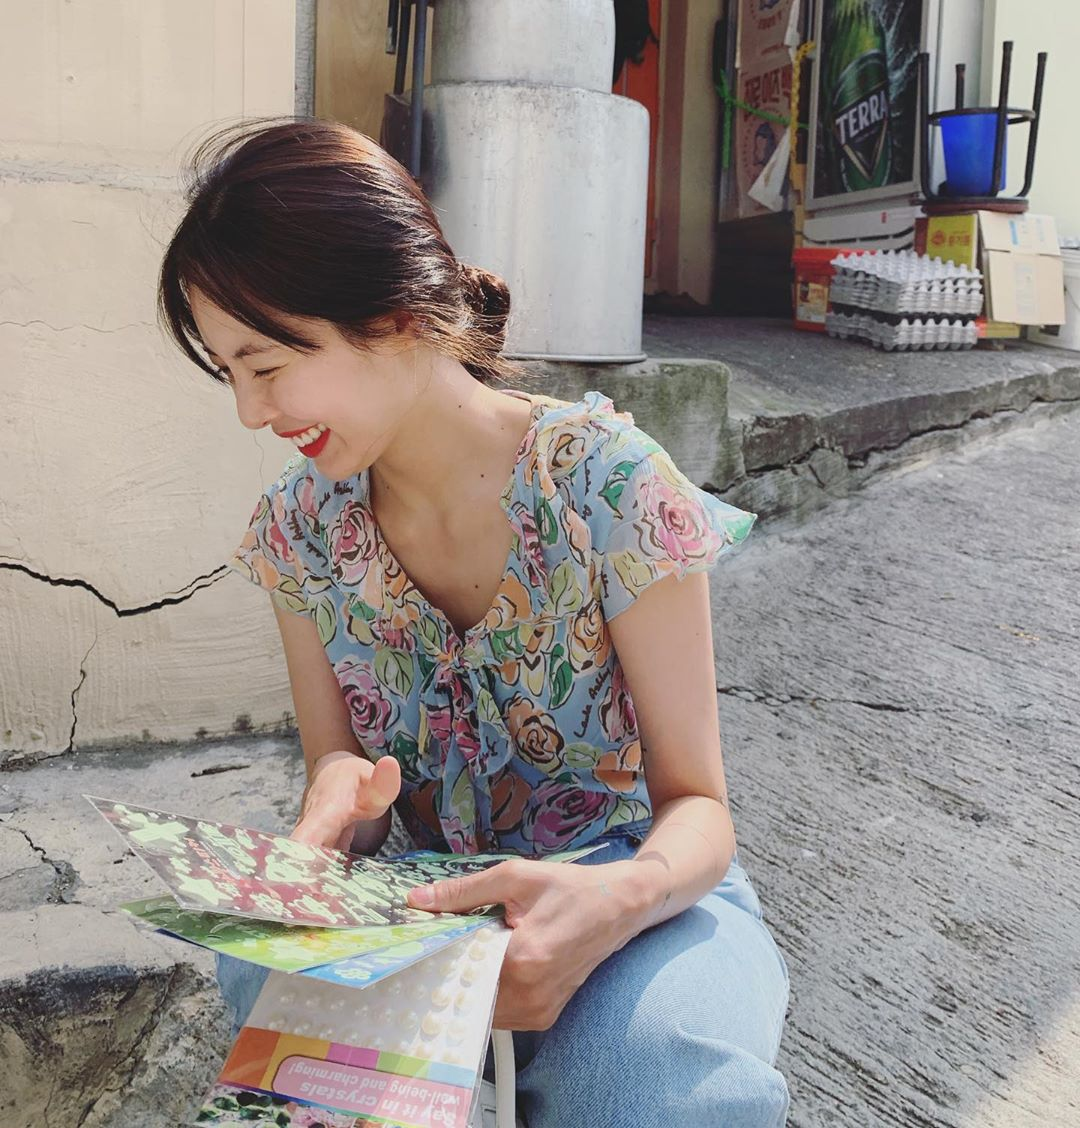 ca sĩ hyuna họa tiết hoa áo kiểu quần jeans retro